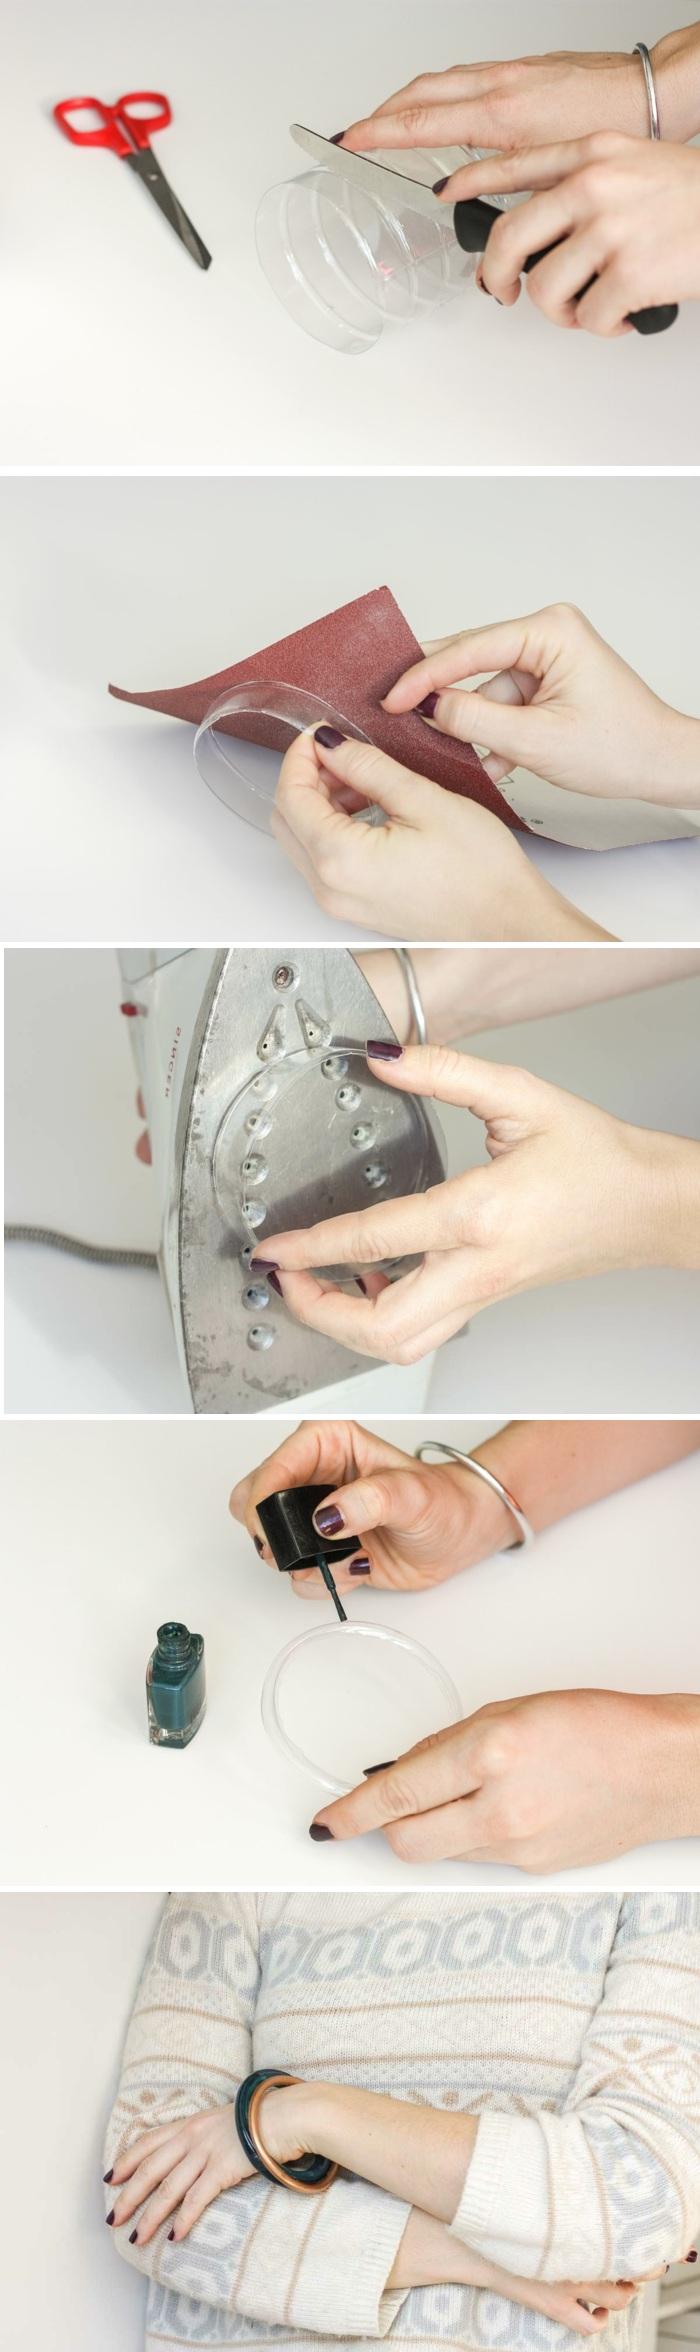 basteln mit plastikflschen, diy schmuck, armband aus plastik, bügeleisen, schleifpapier